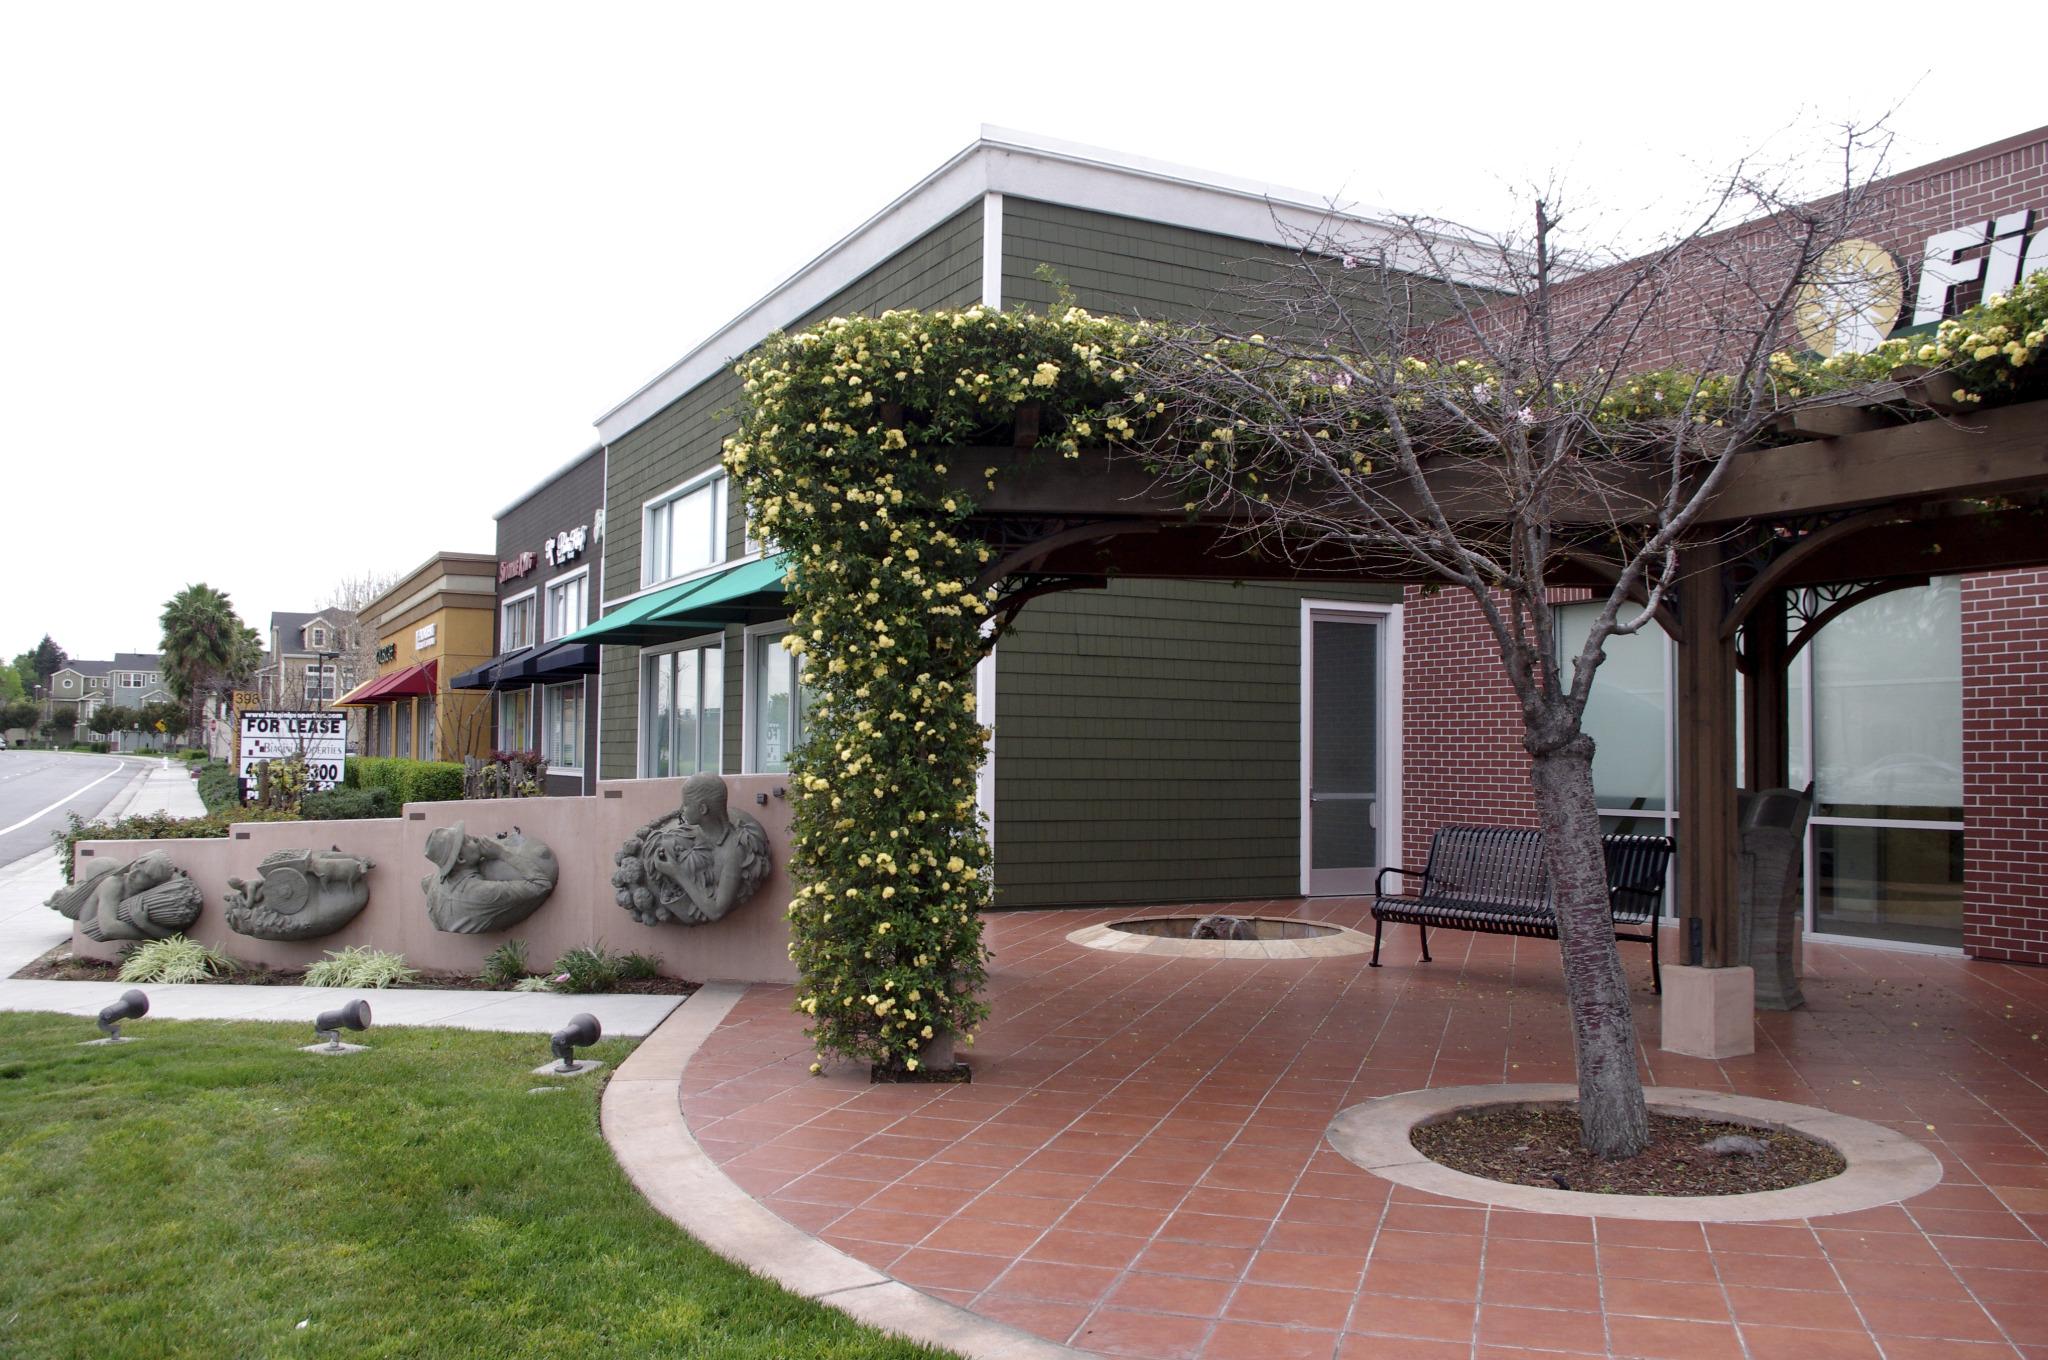 Sunnyvale El Camino Real image